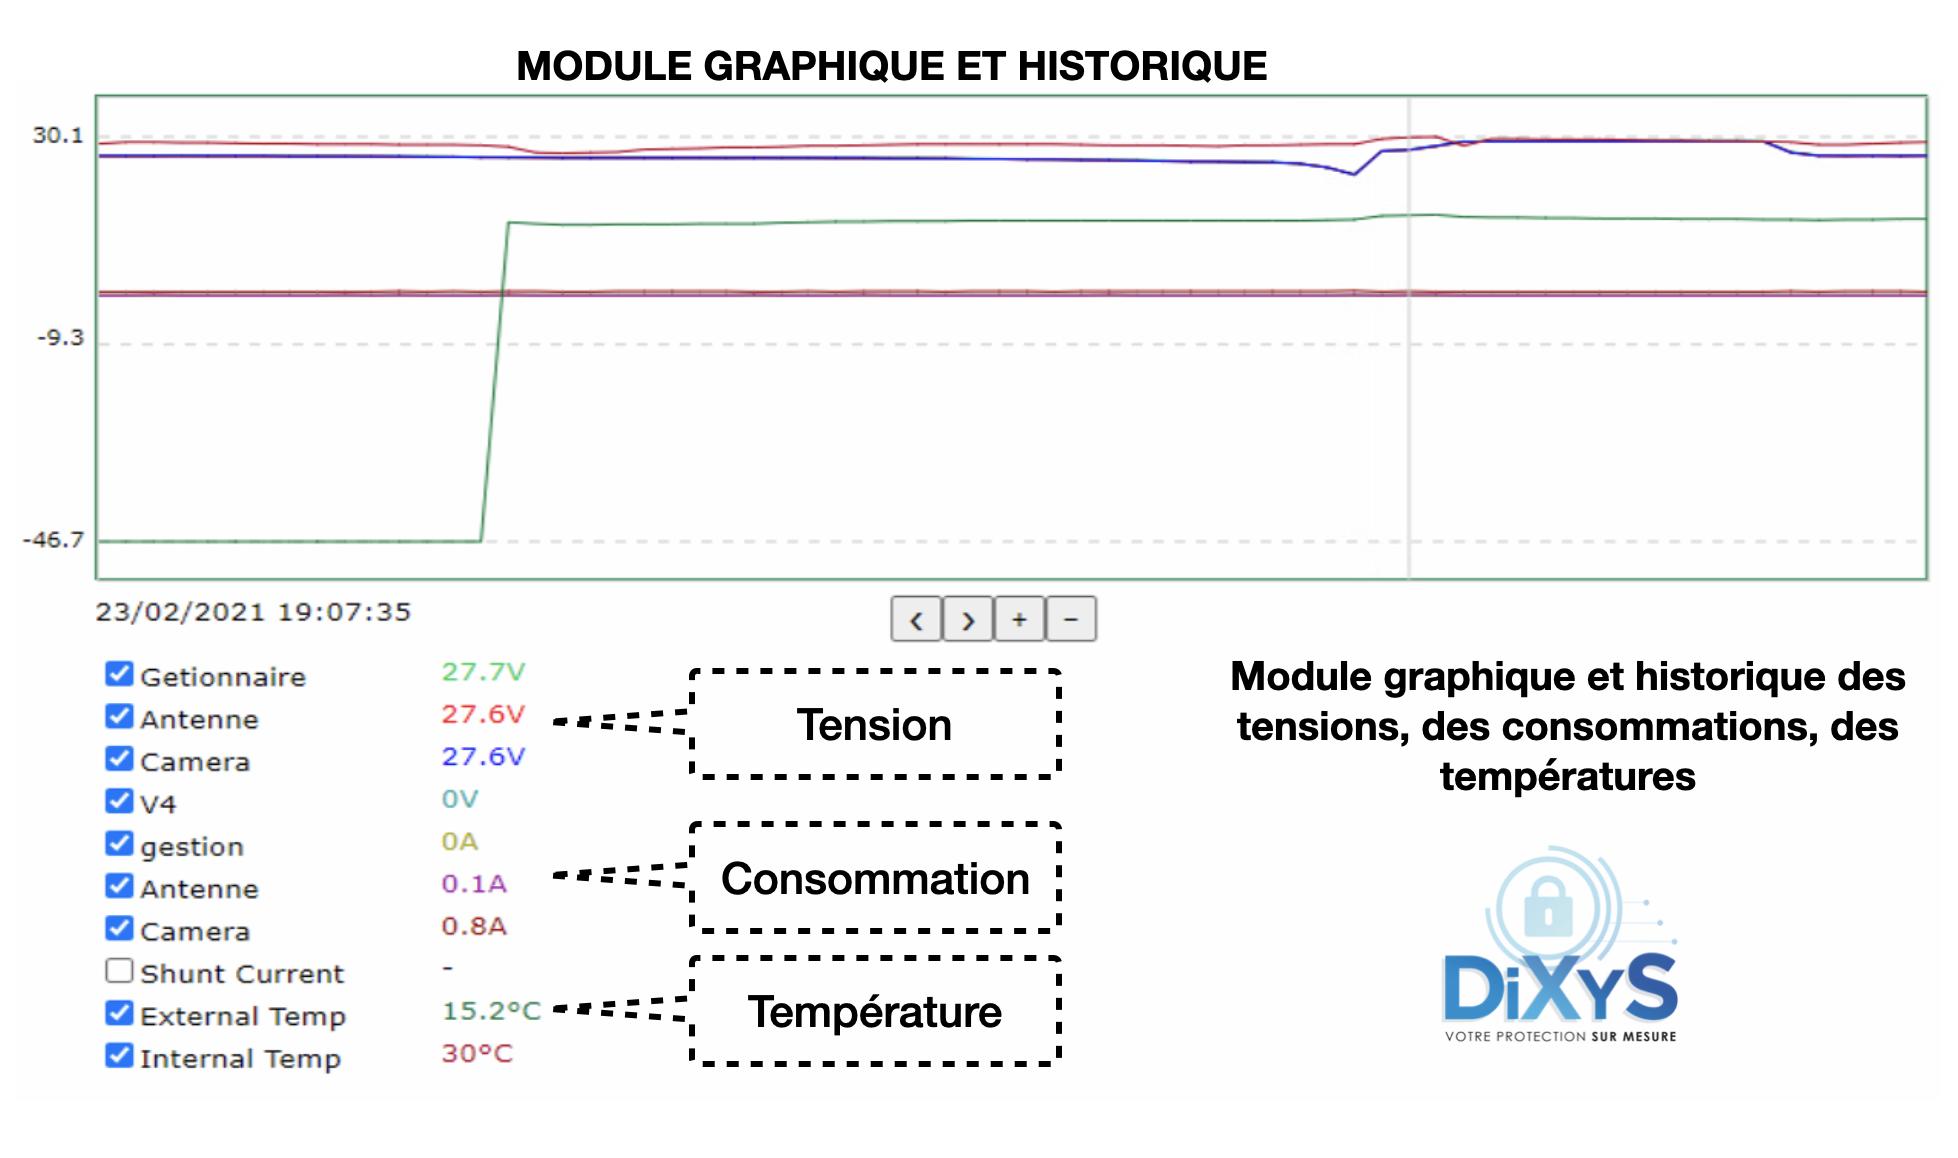 Module_graphique_et_historique